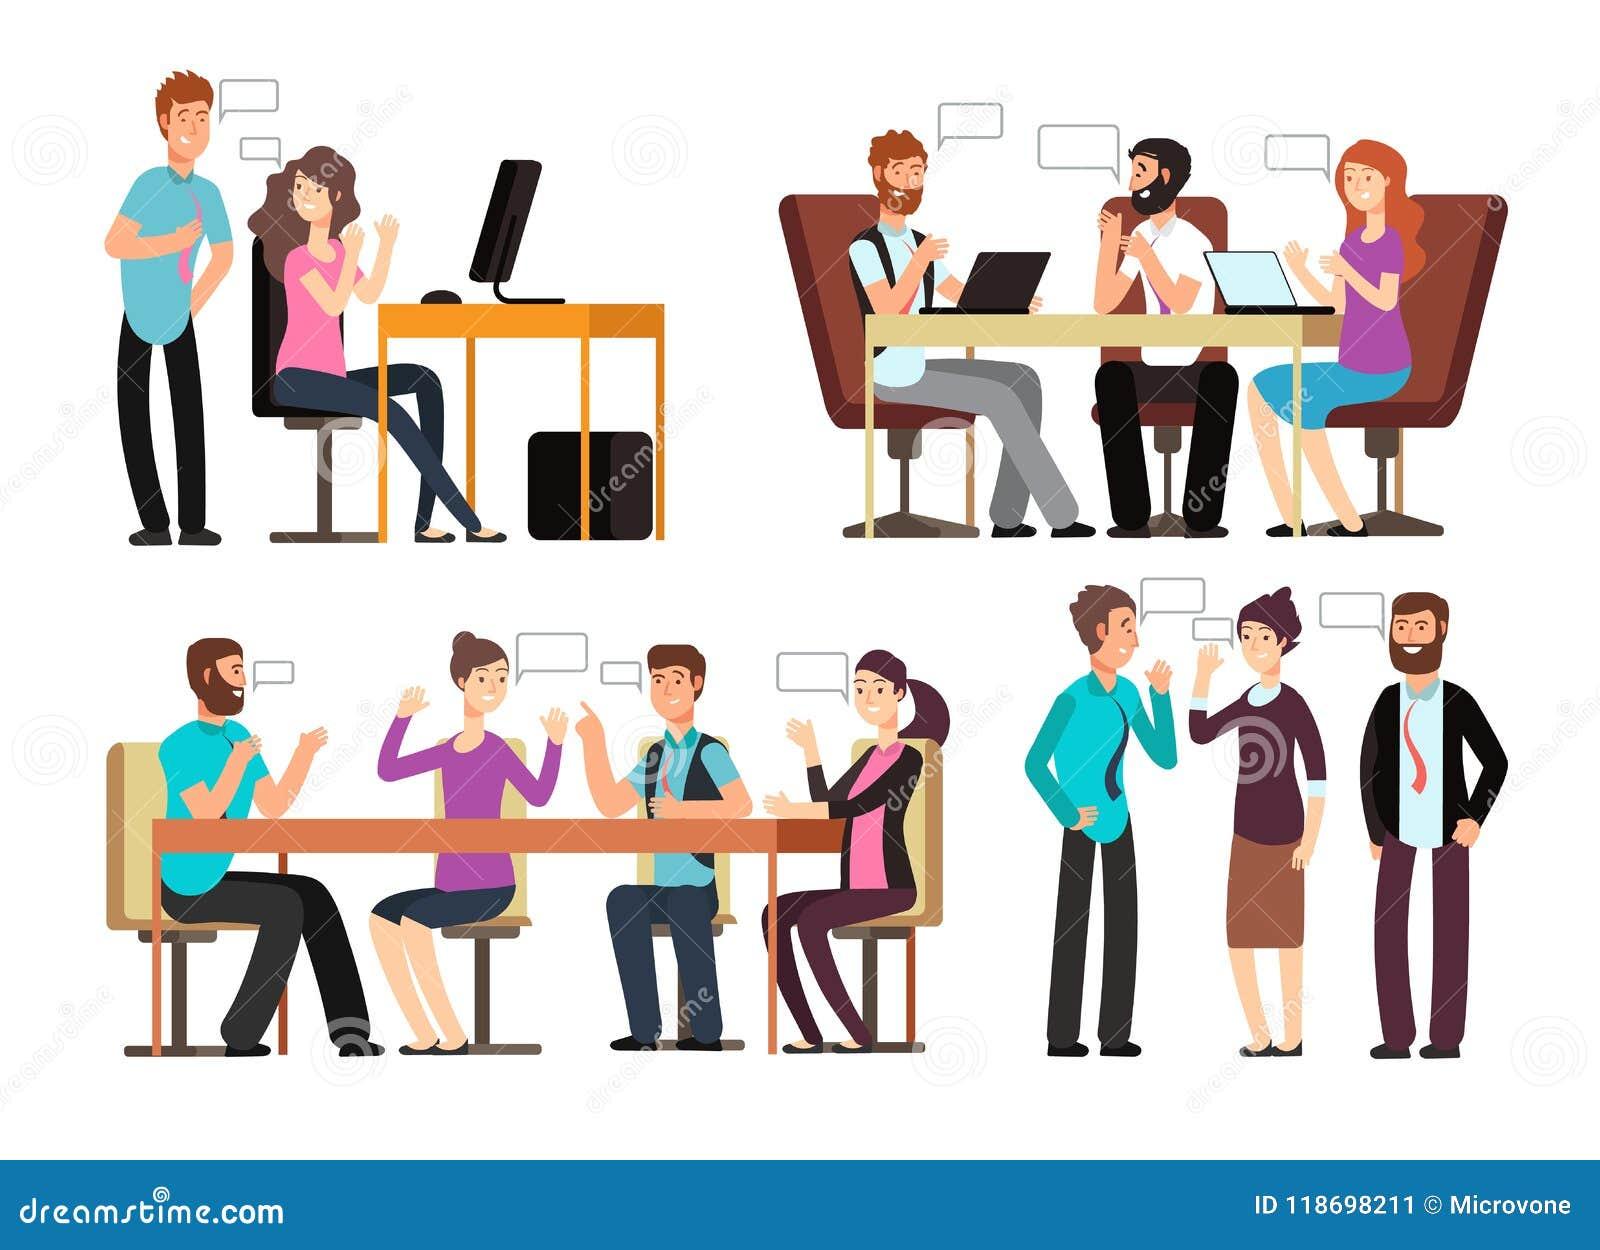 商人和妇女有交谈用不同的经济情况在办公室 遇见传染媒介字符的人们被设置